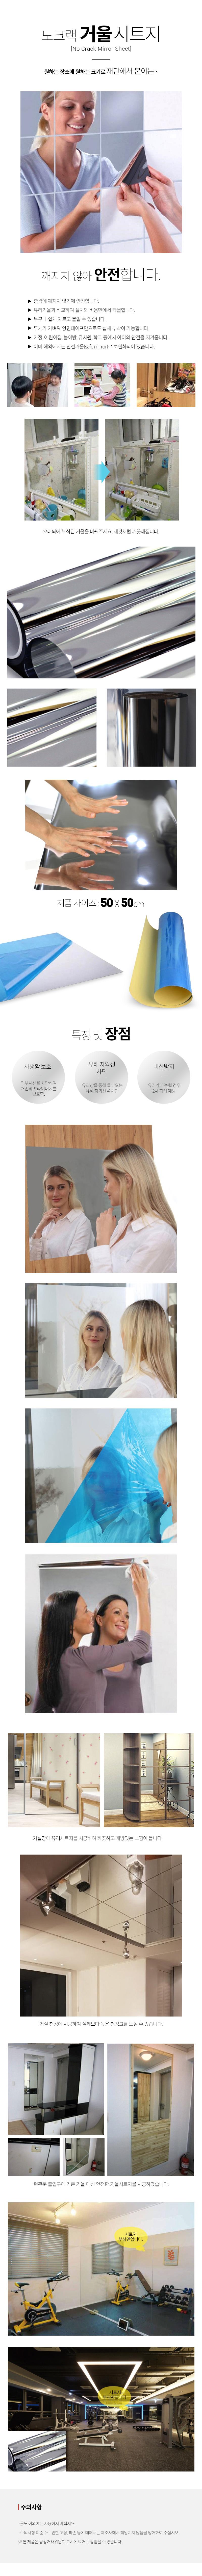 nocrack_mirror_sheet_132607.jpg